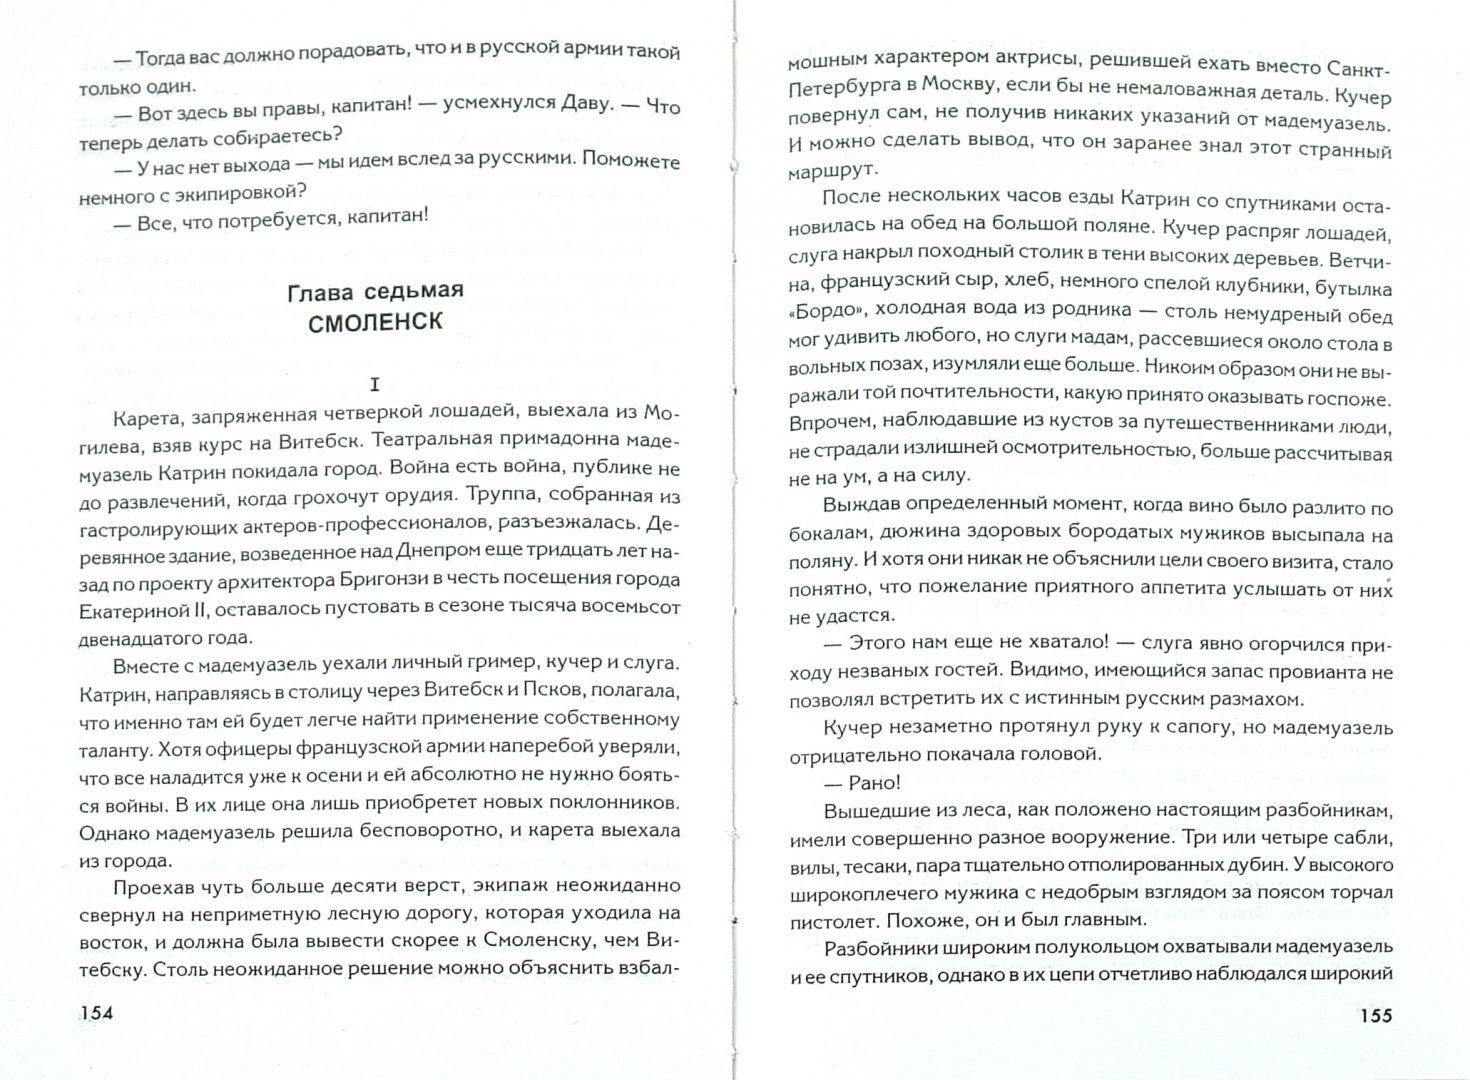 Иллюстрация 1 из 2 для Спецназ Его Императорского Величества - Владимир Куницын | Лабиринт - книги. Источник: Лабиринт